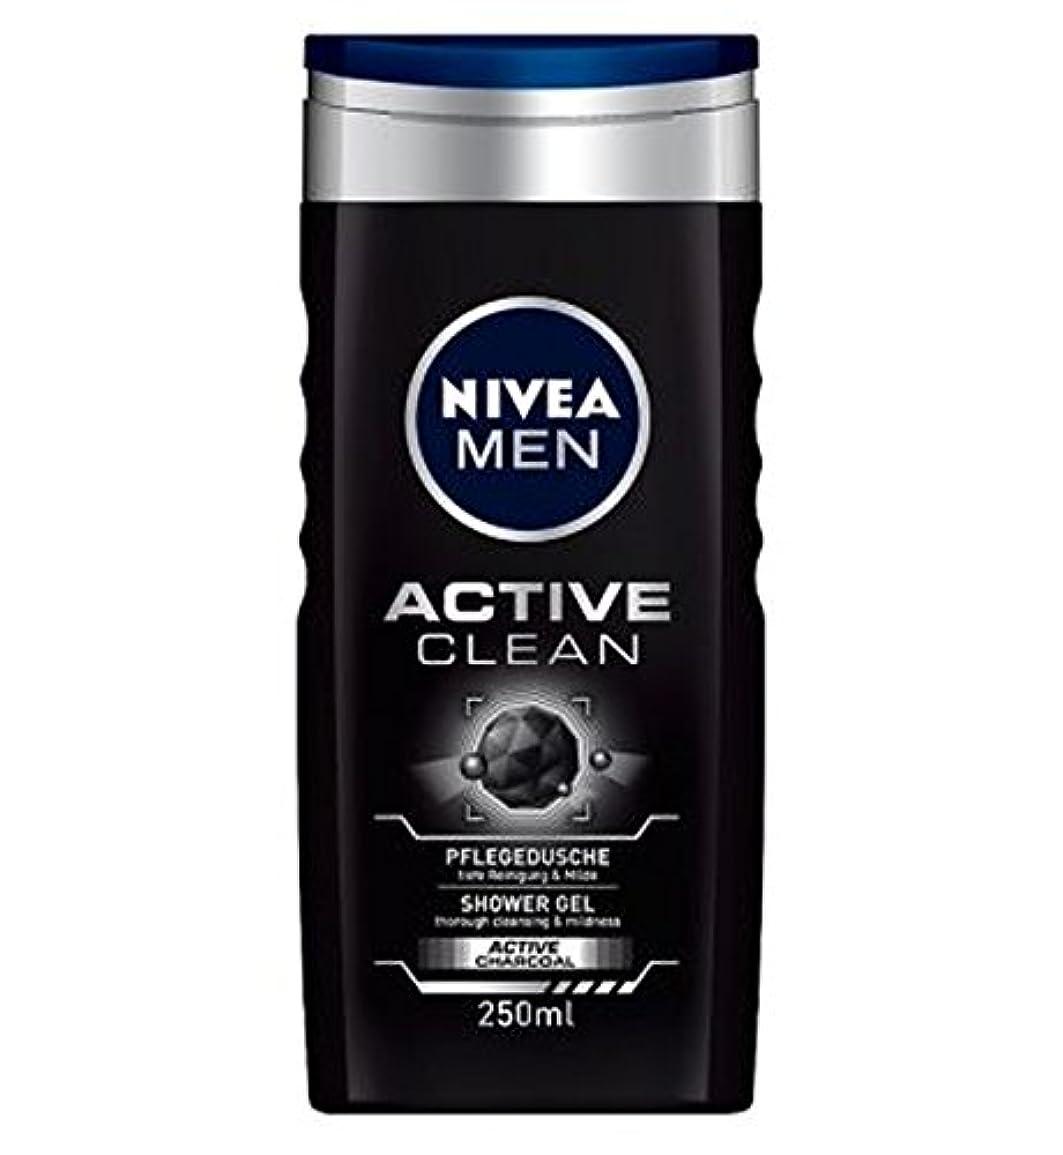 狐中断キネマティクスNIVEA MEN Active Clean Shower Gel 250ml - ニベアの男性アクティブクリーンシャワージェル250ミリリットル (Nivea) [並行輸入品]